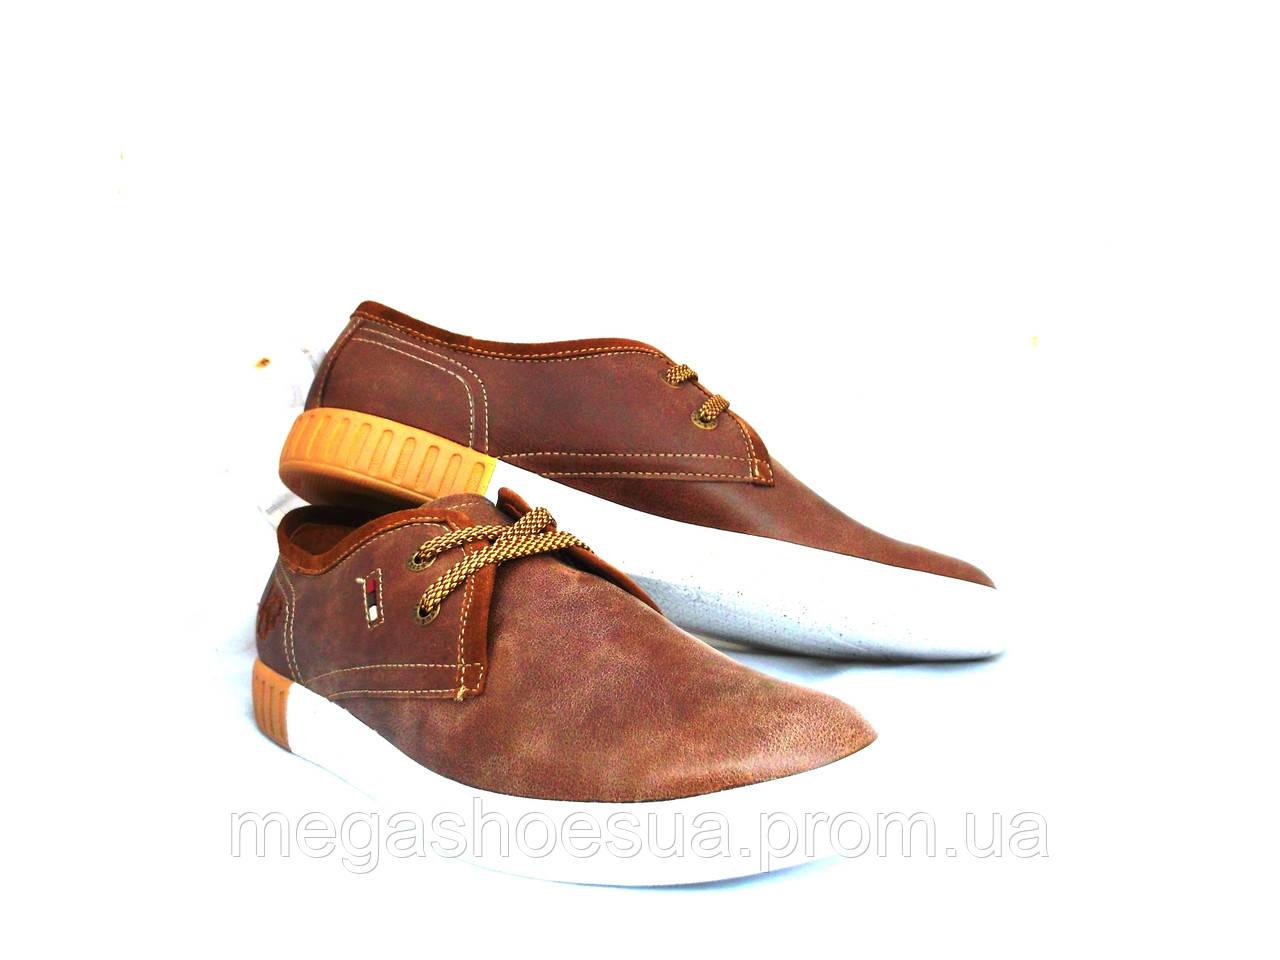 471e89b9fc95 Купить Туфли мужские YDG Bellini с натуральной кожи спортивные в ...